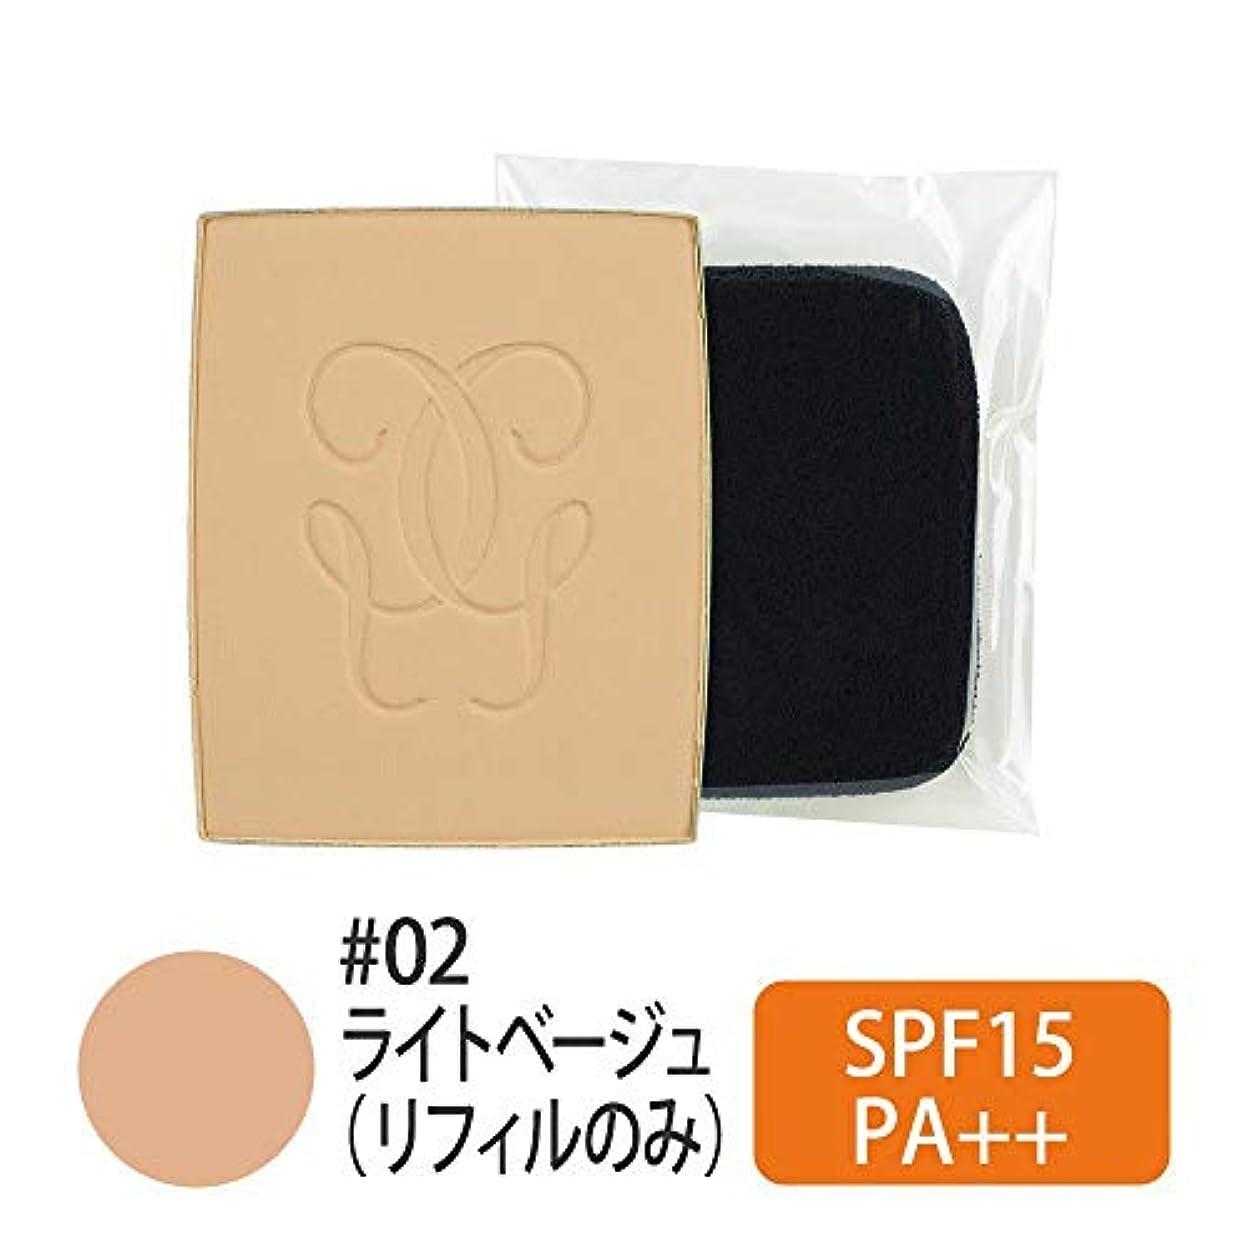 ゲラン(Guerlain) 【リフィルのみ】パリュール ゴールド コンパクト SPF15/PA++ #02(ライトベージュ) [並行輸入品]